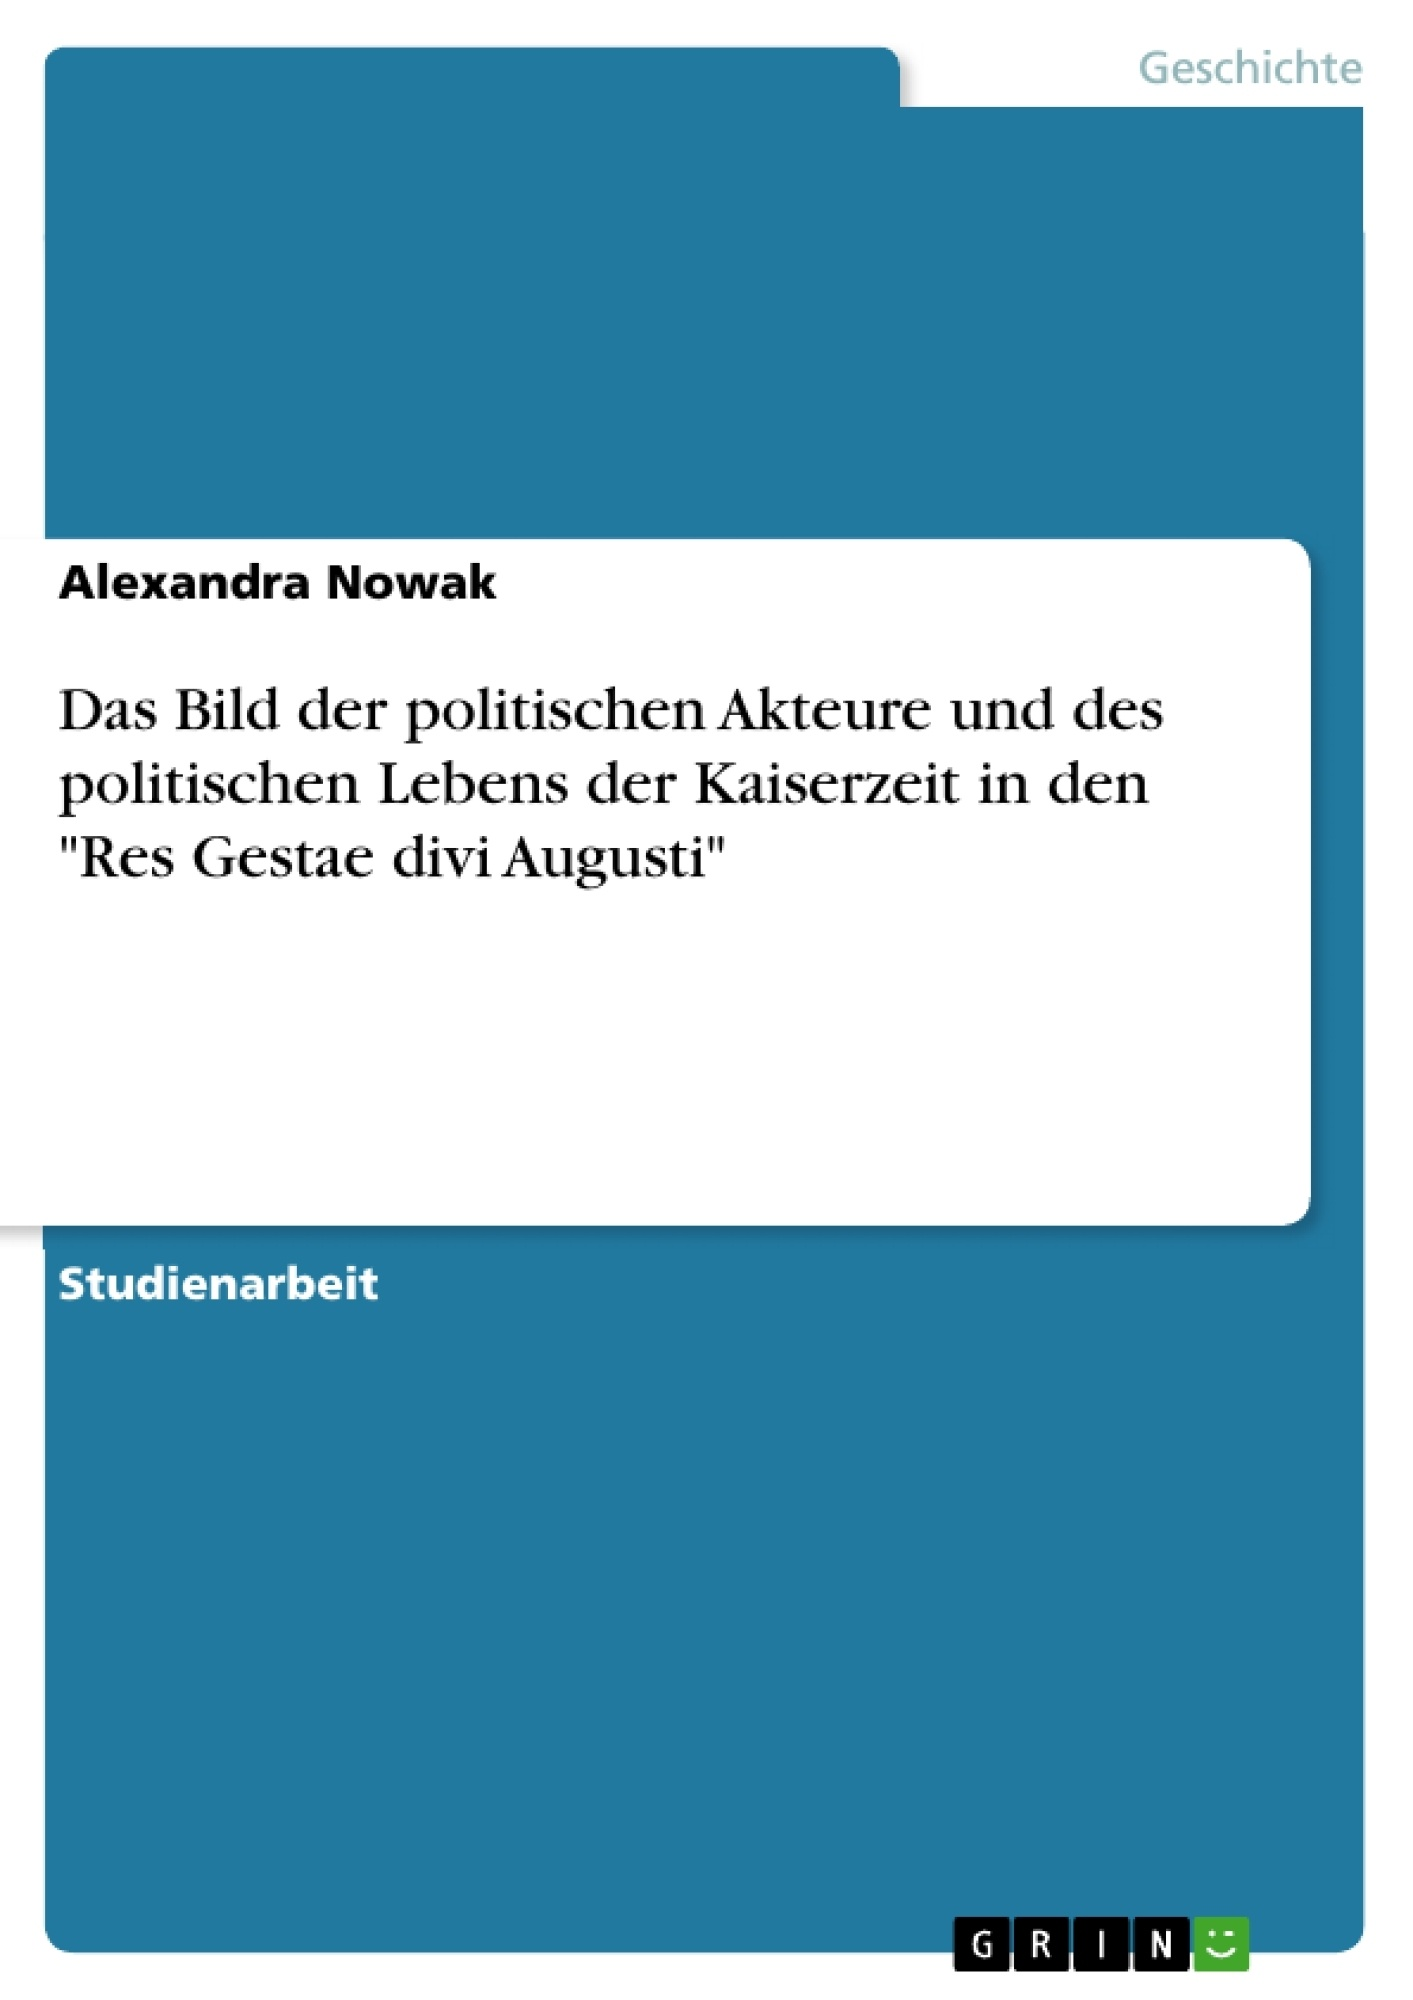 """Titel: Das Bild der politischen Akteure und des politischen Lebens der Kaiserzeit in den """"Res Gestae divi Augusti"""""""